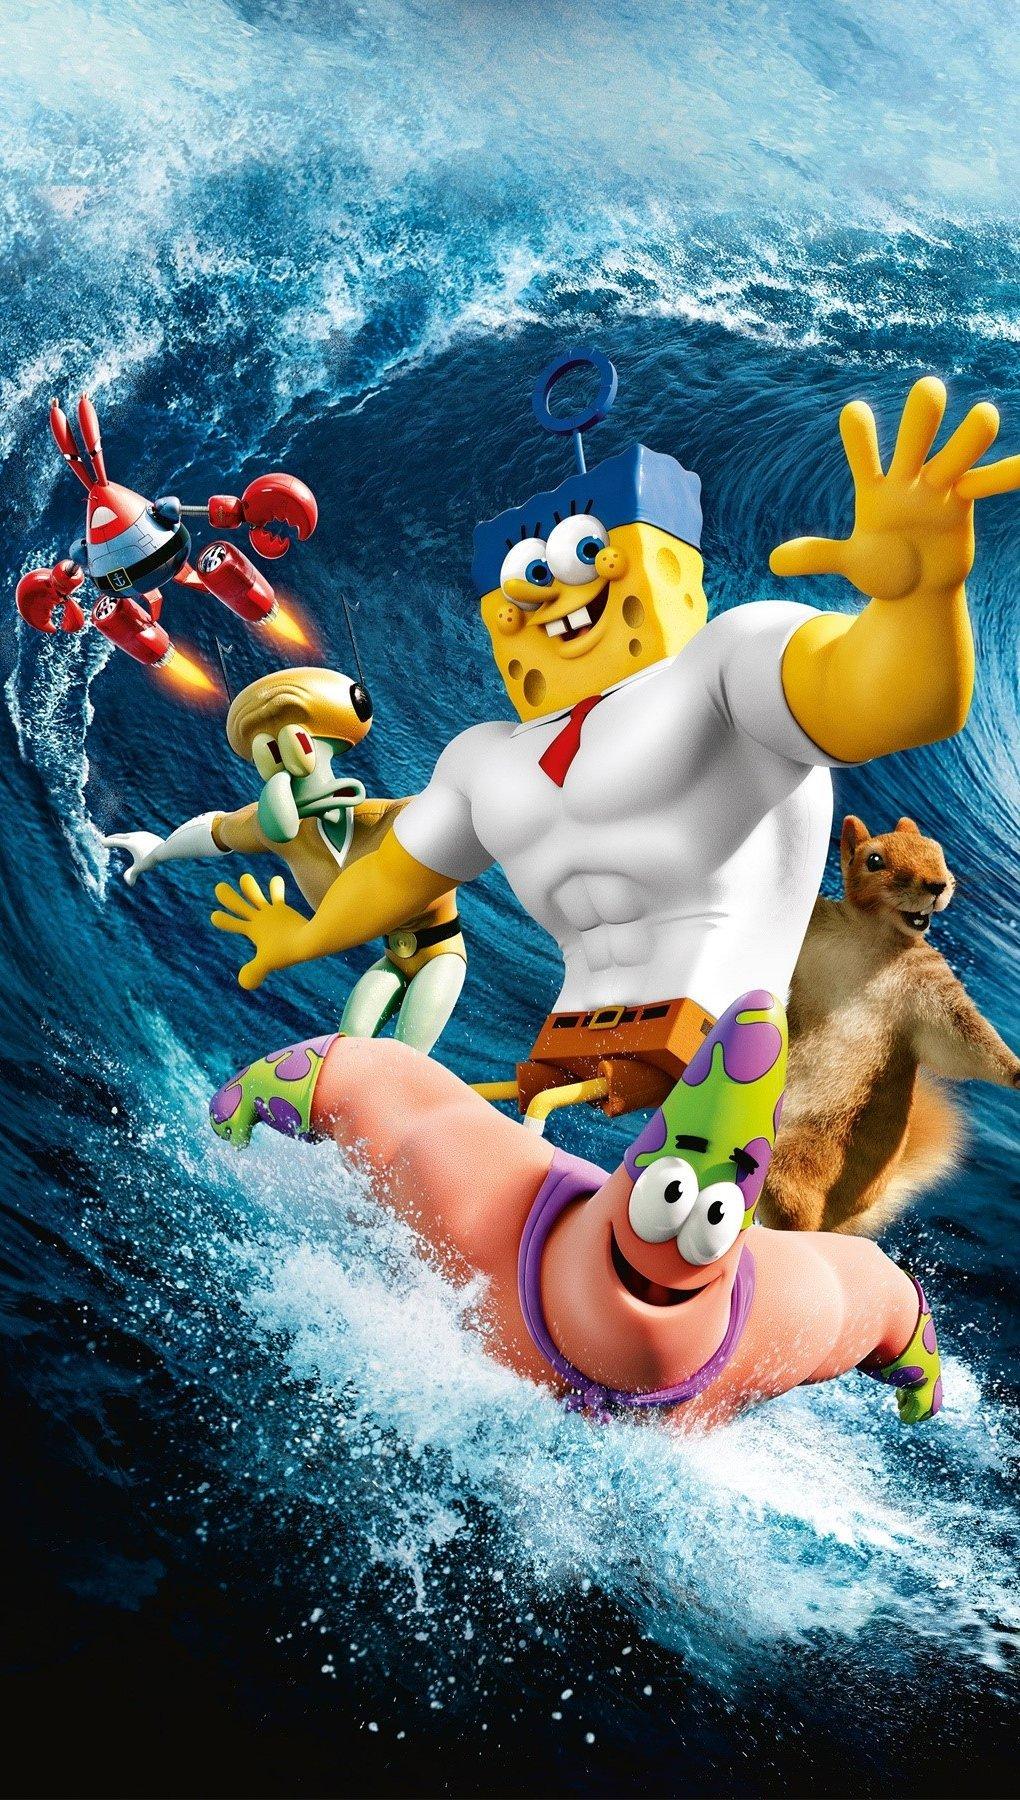 Wallpaper SpongeBob's movie Vertical